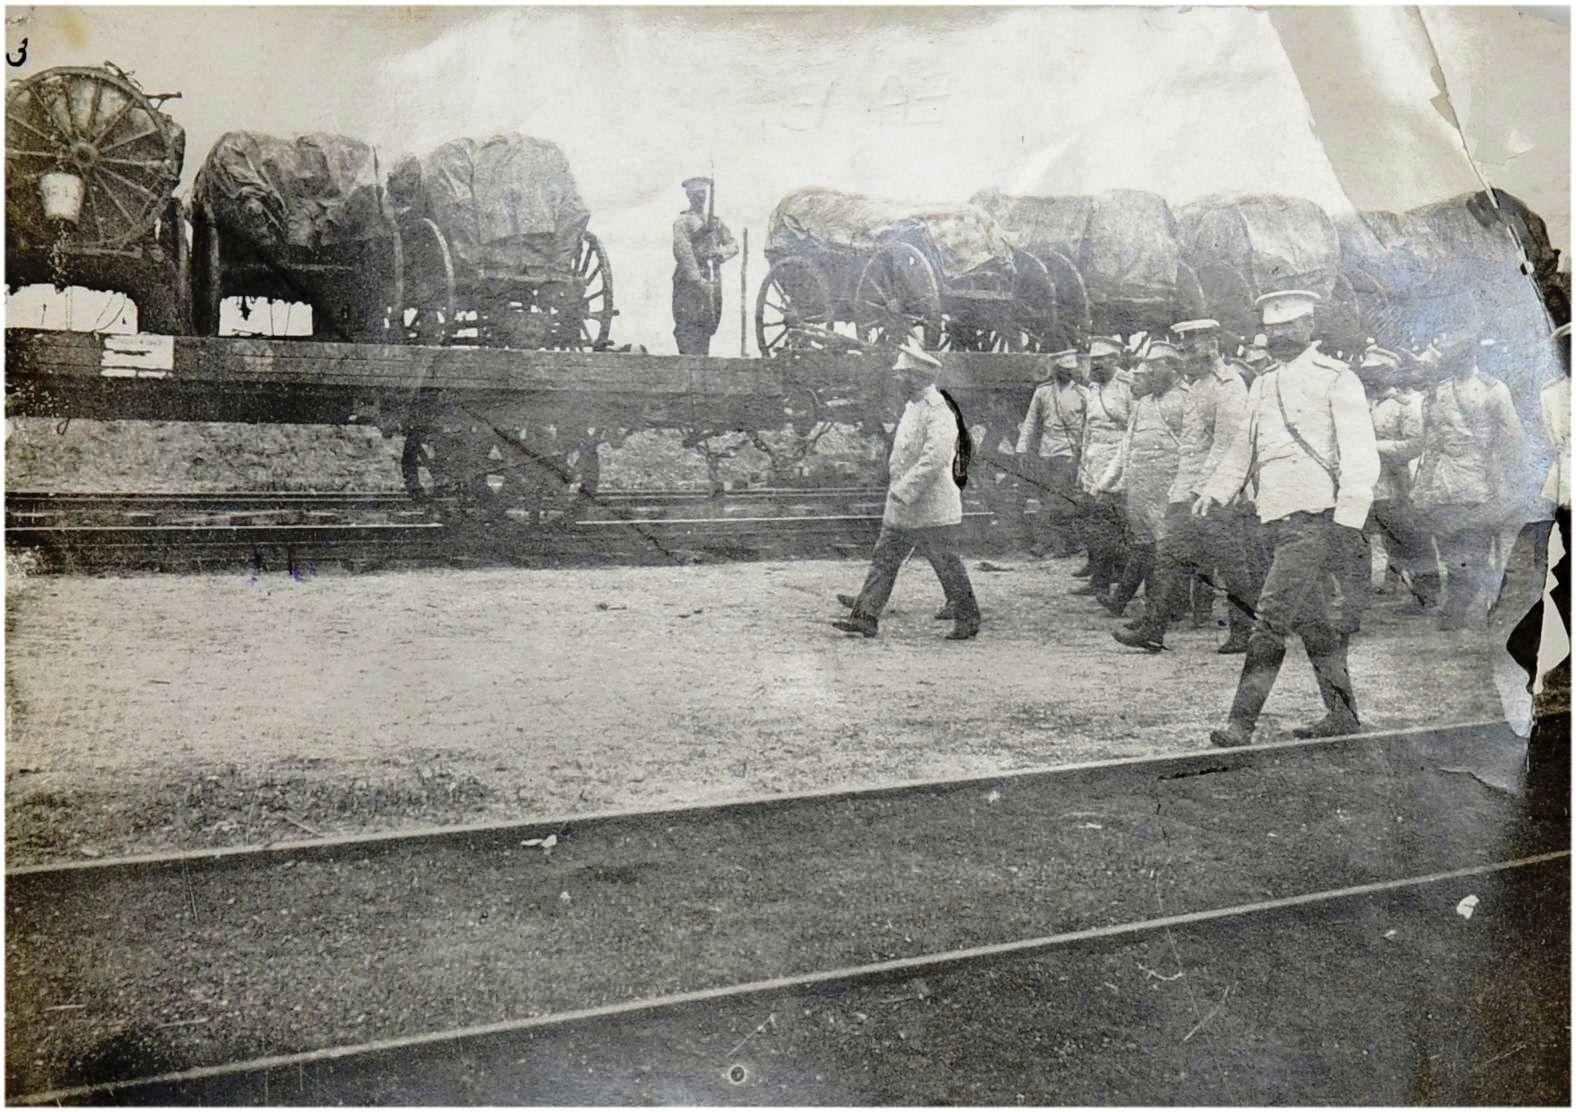 Фото обхода Главнокомандующим всеми сухопутными и морскими вооружёнными силами, действующими против Японии генерала от инфантерии генерала-адъютанта А. Н. Куропаткиным состава с прибывшими войсками. 1904